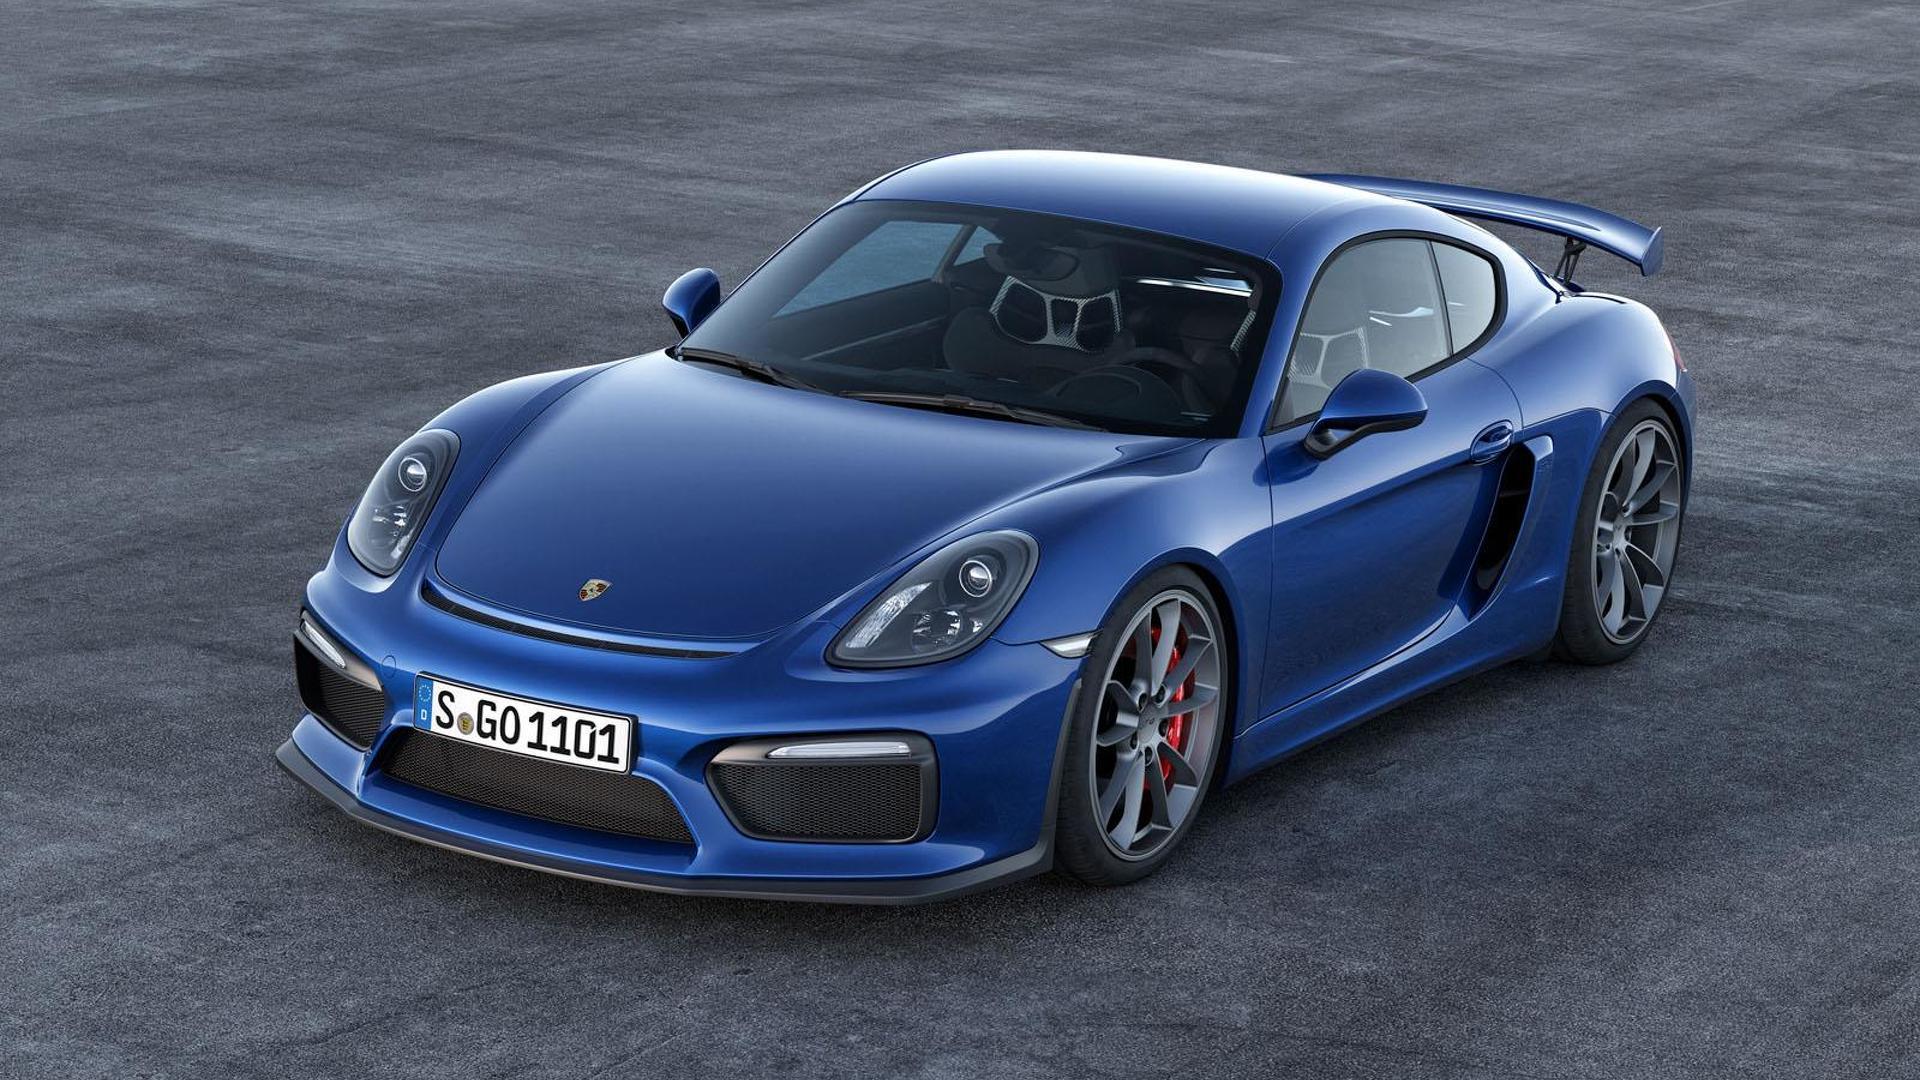 Porsche Cayman GT4 News and Reviews